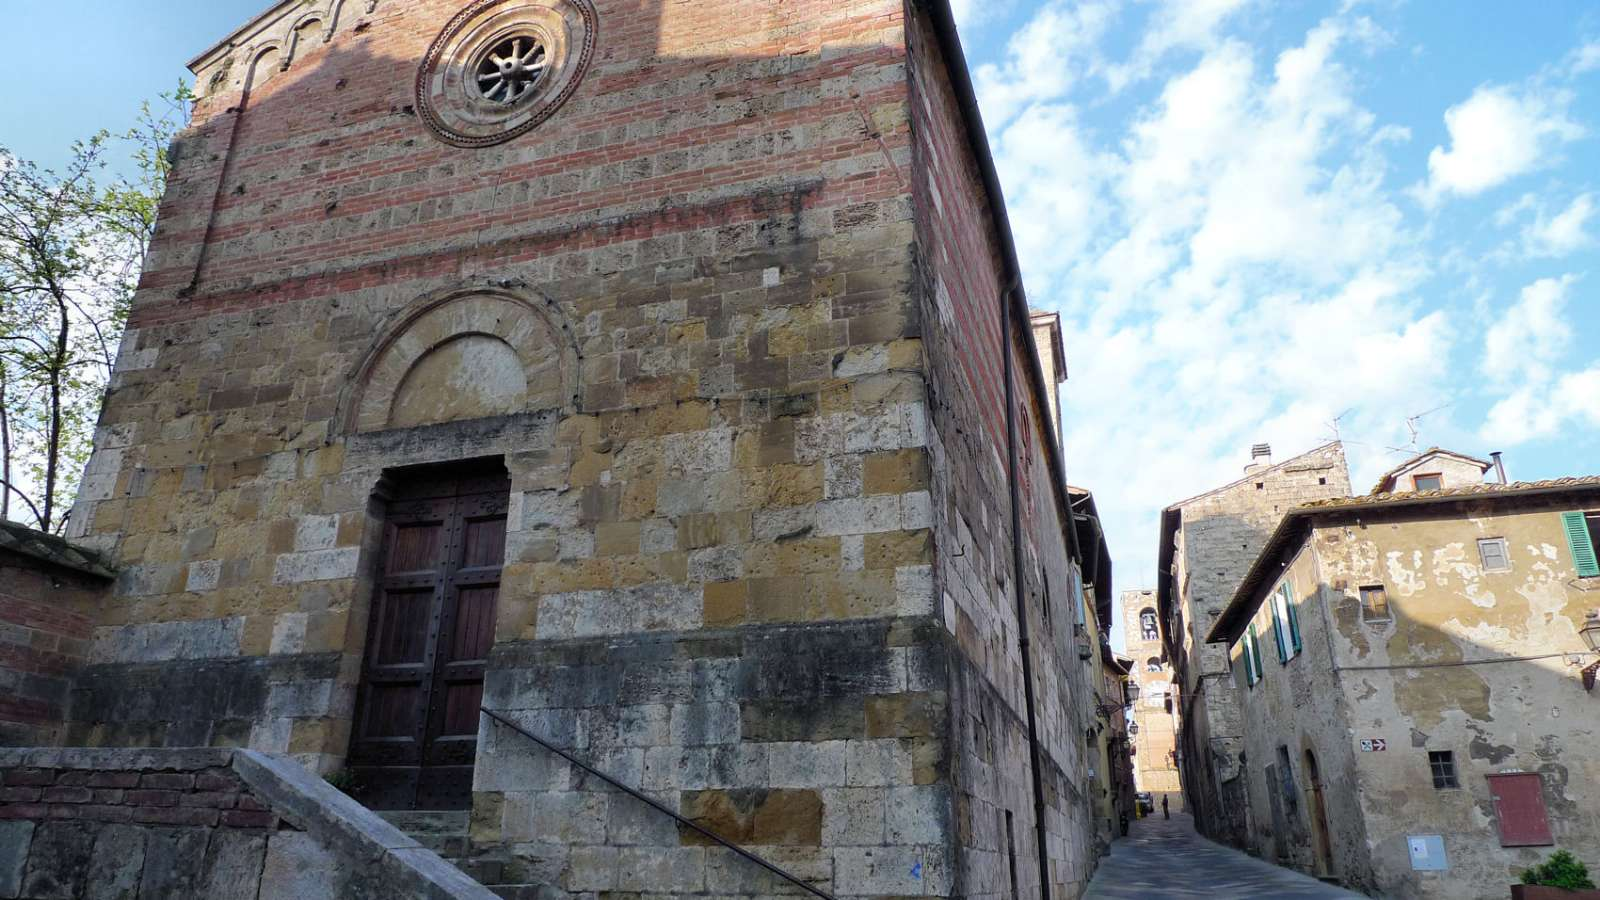 Medeltidskyrkan Santa Maria in Canonica